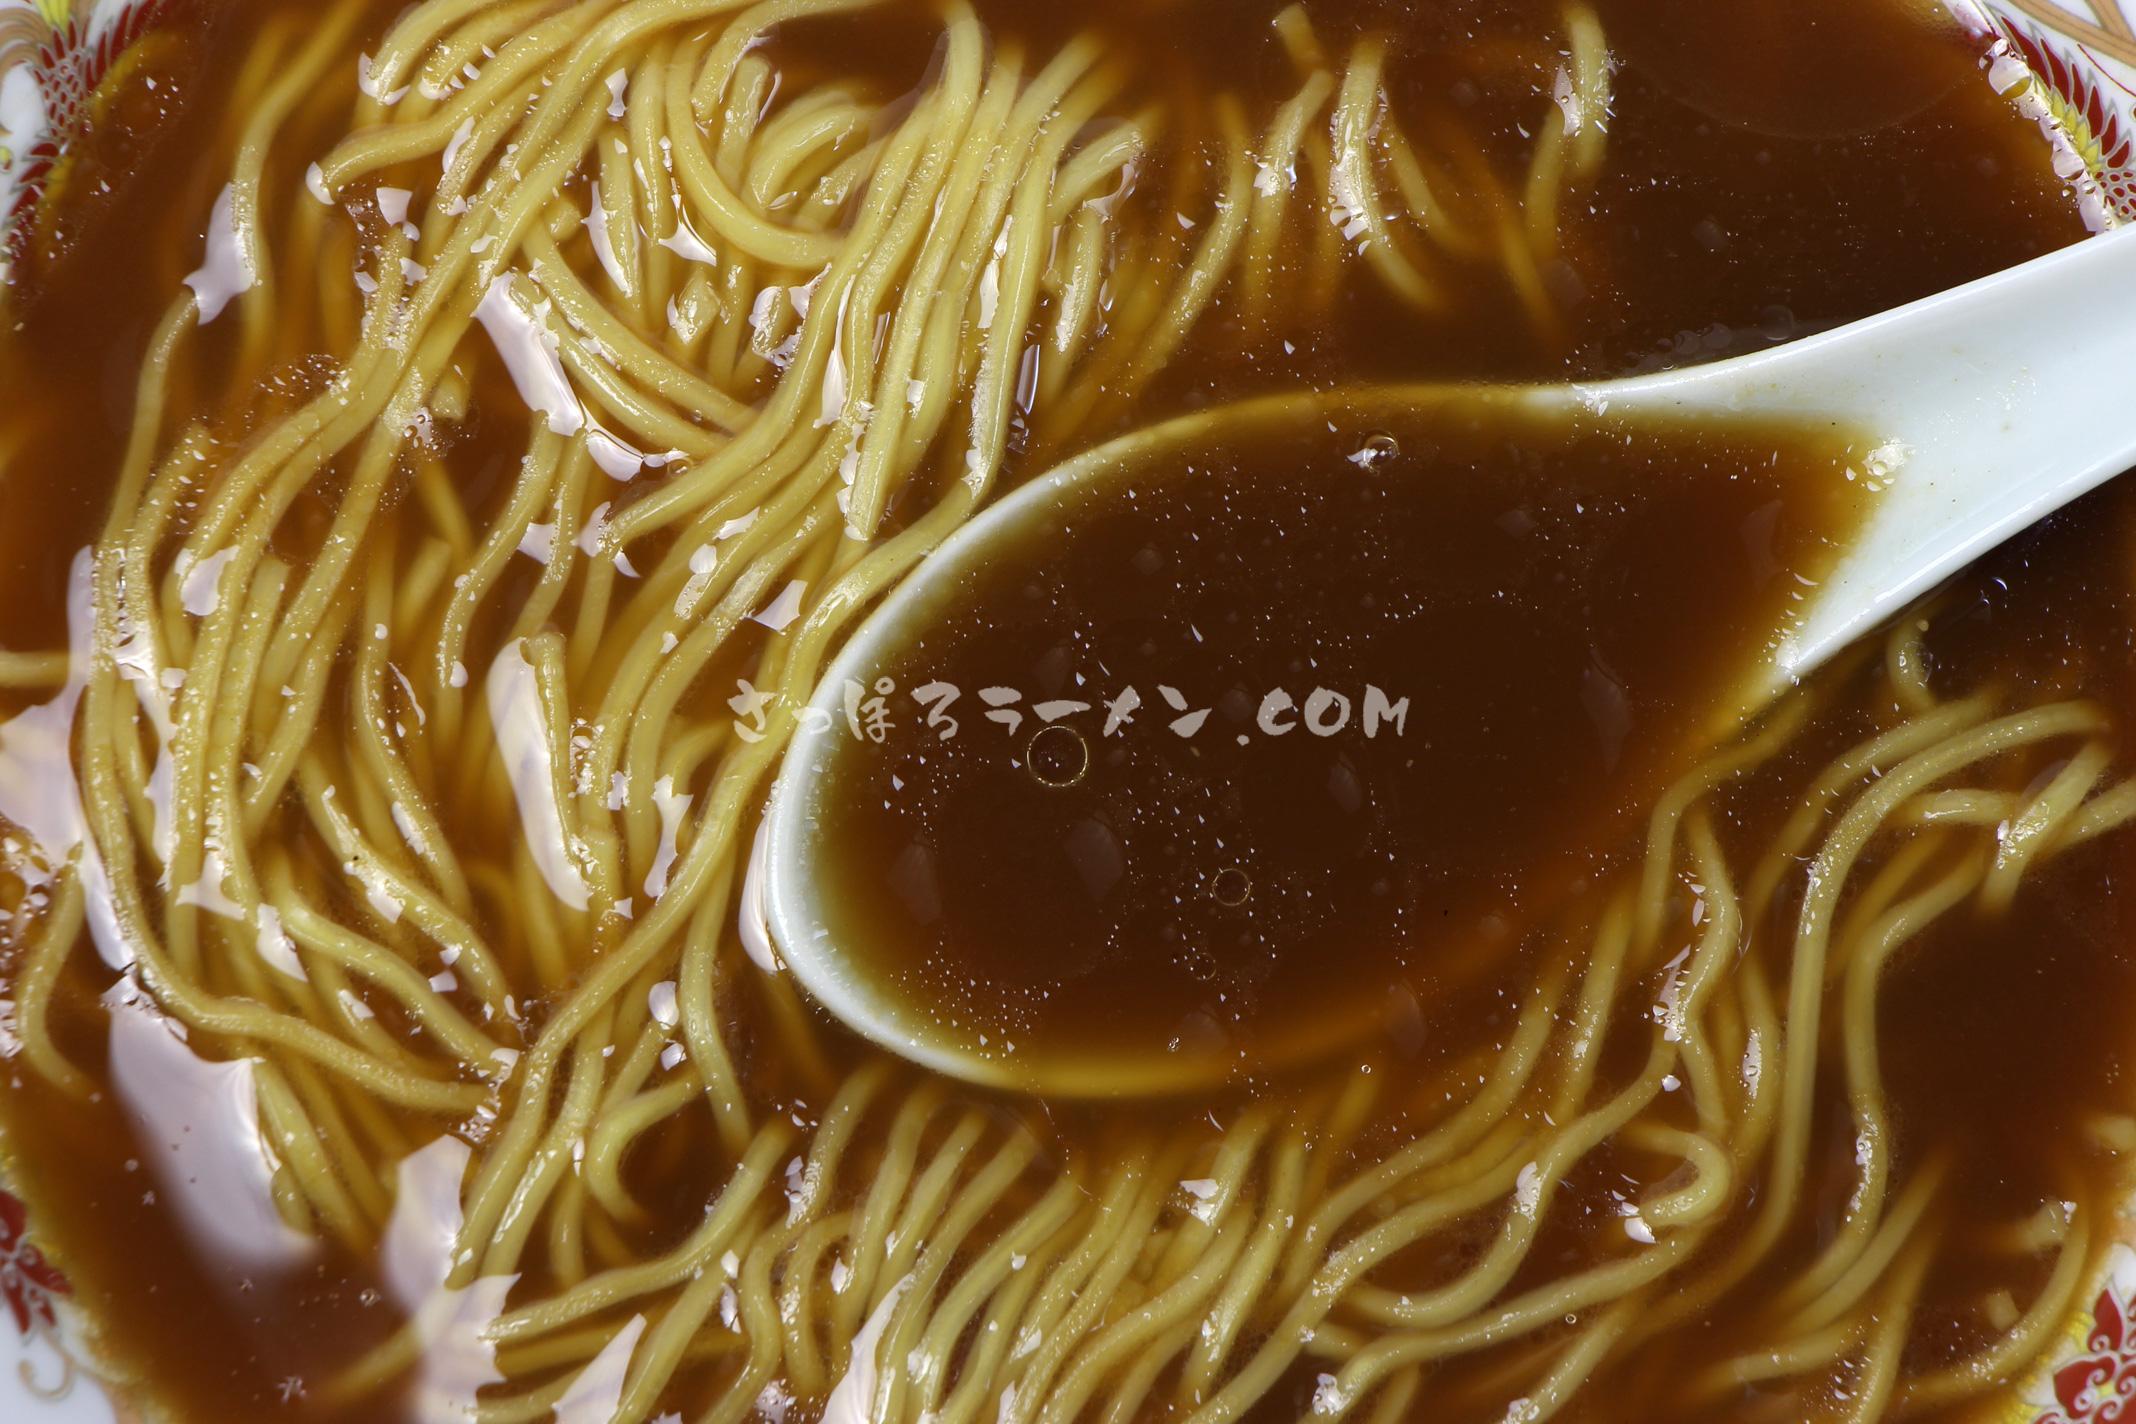 「旭川特一番 濃旨旭川醤油味」(藤原製麺)のスープ